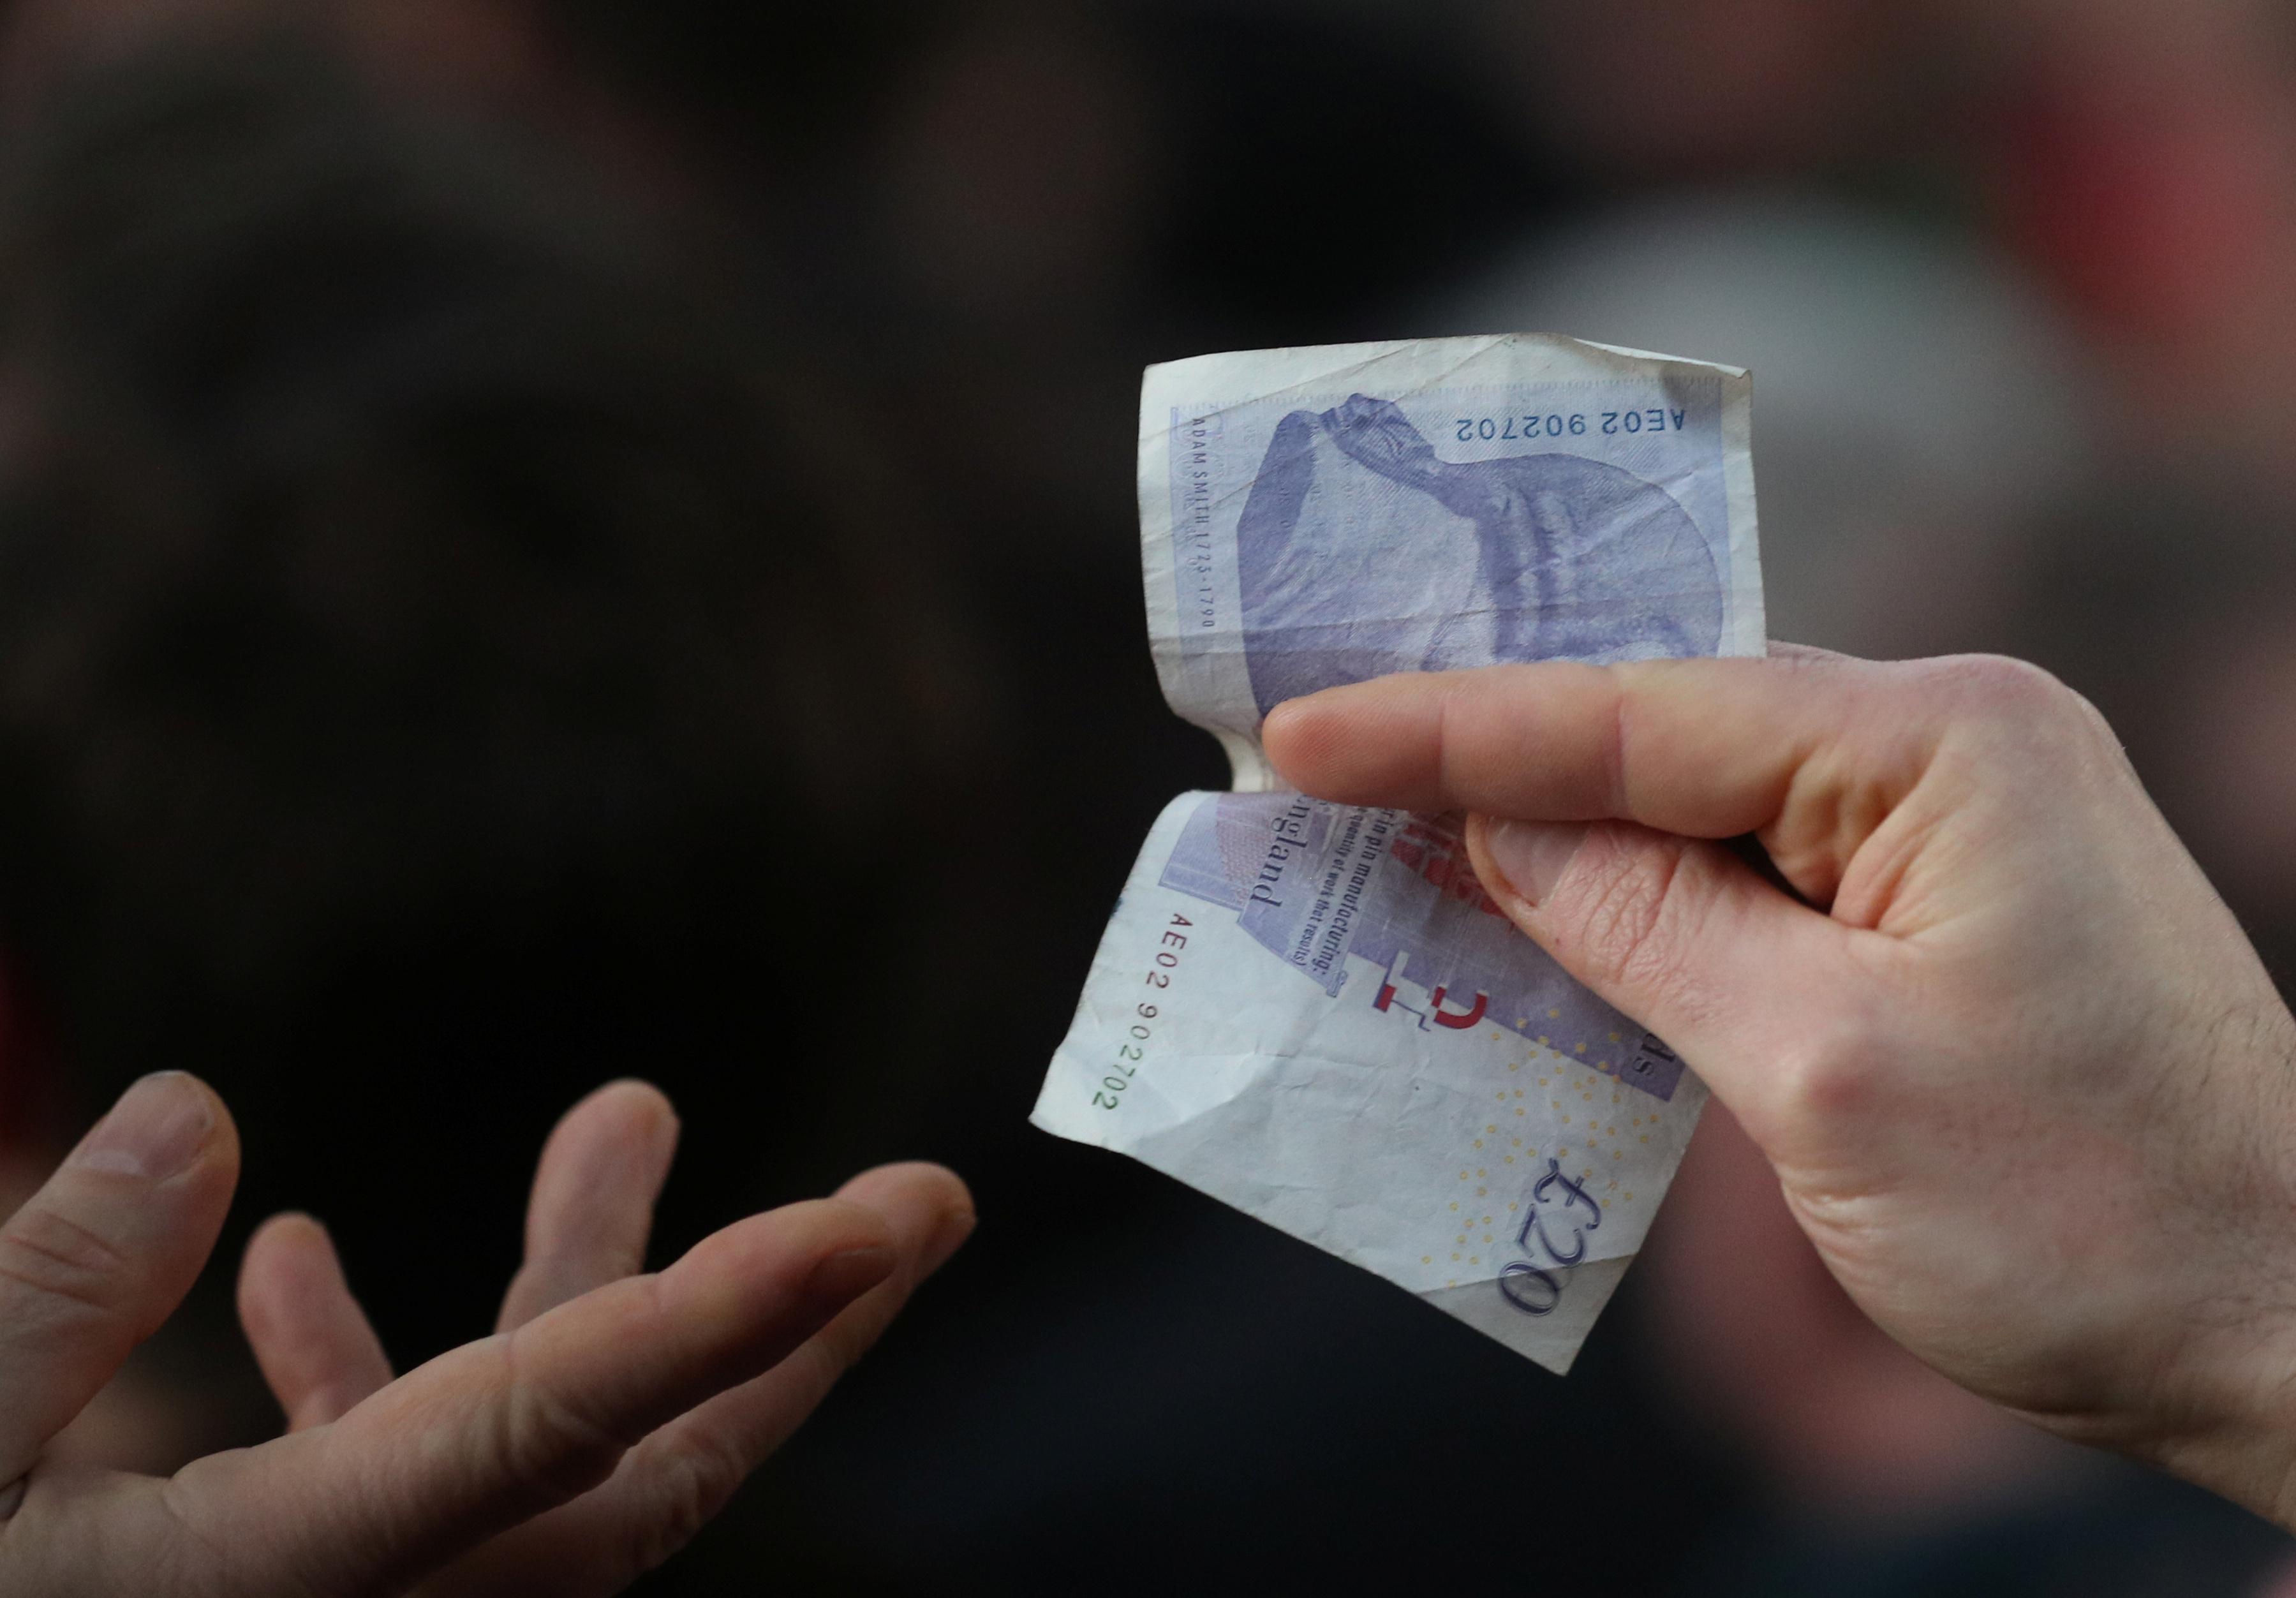 Эксперты раскрыли банковский обман при оформлении ипотеки